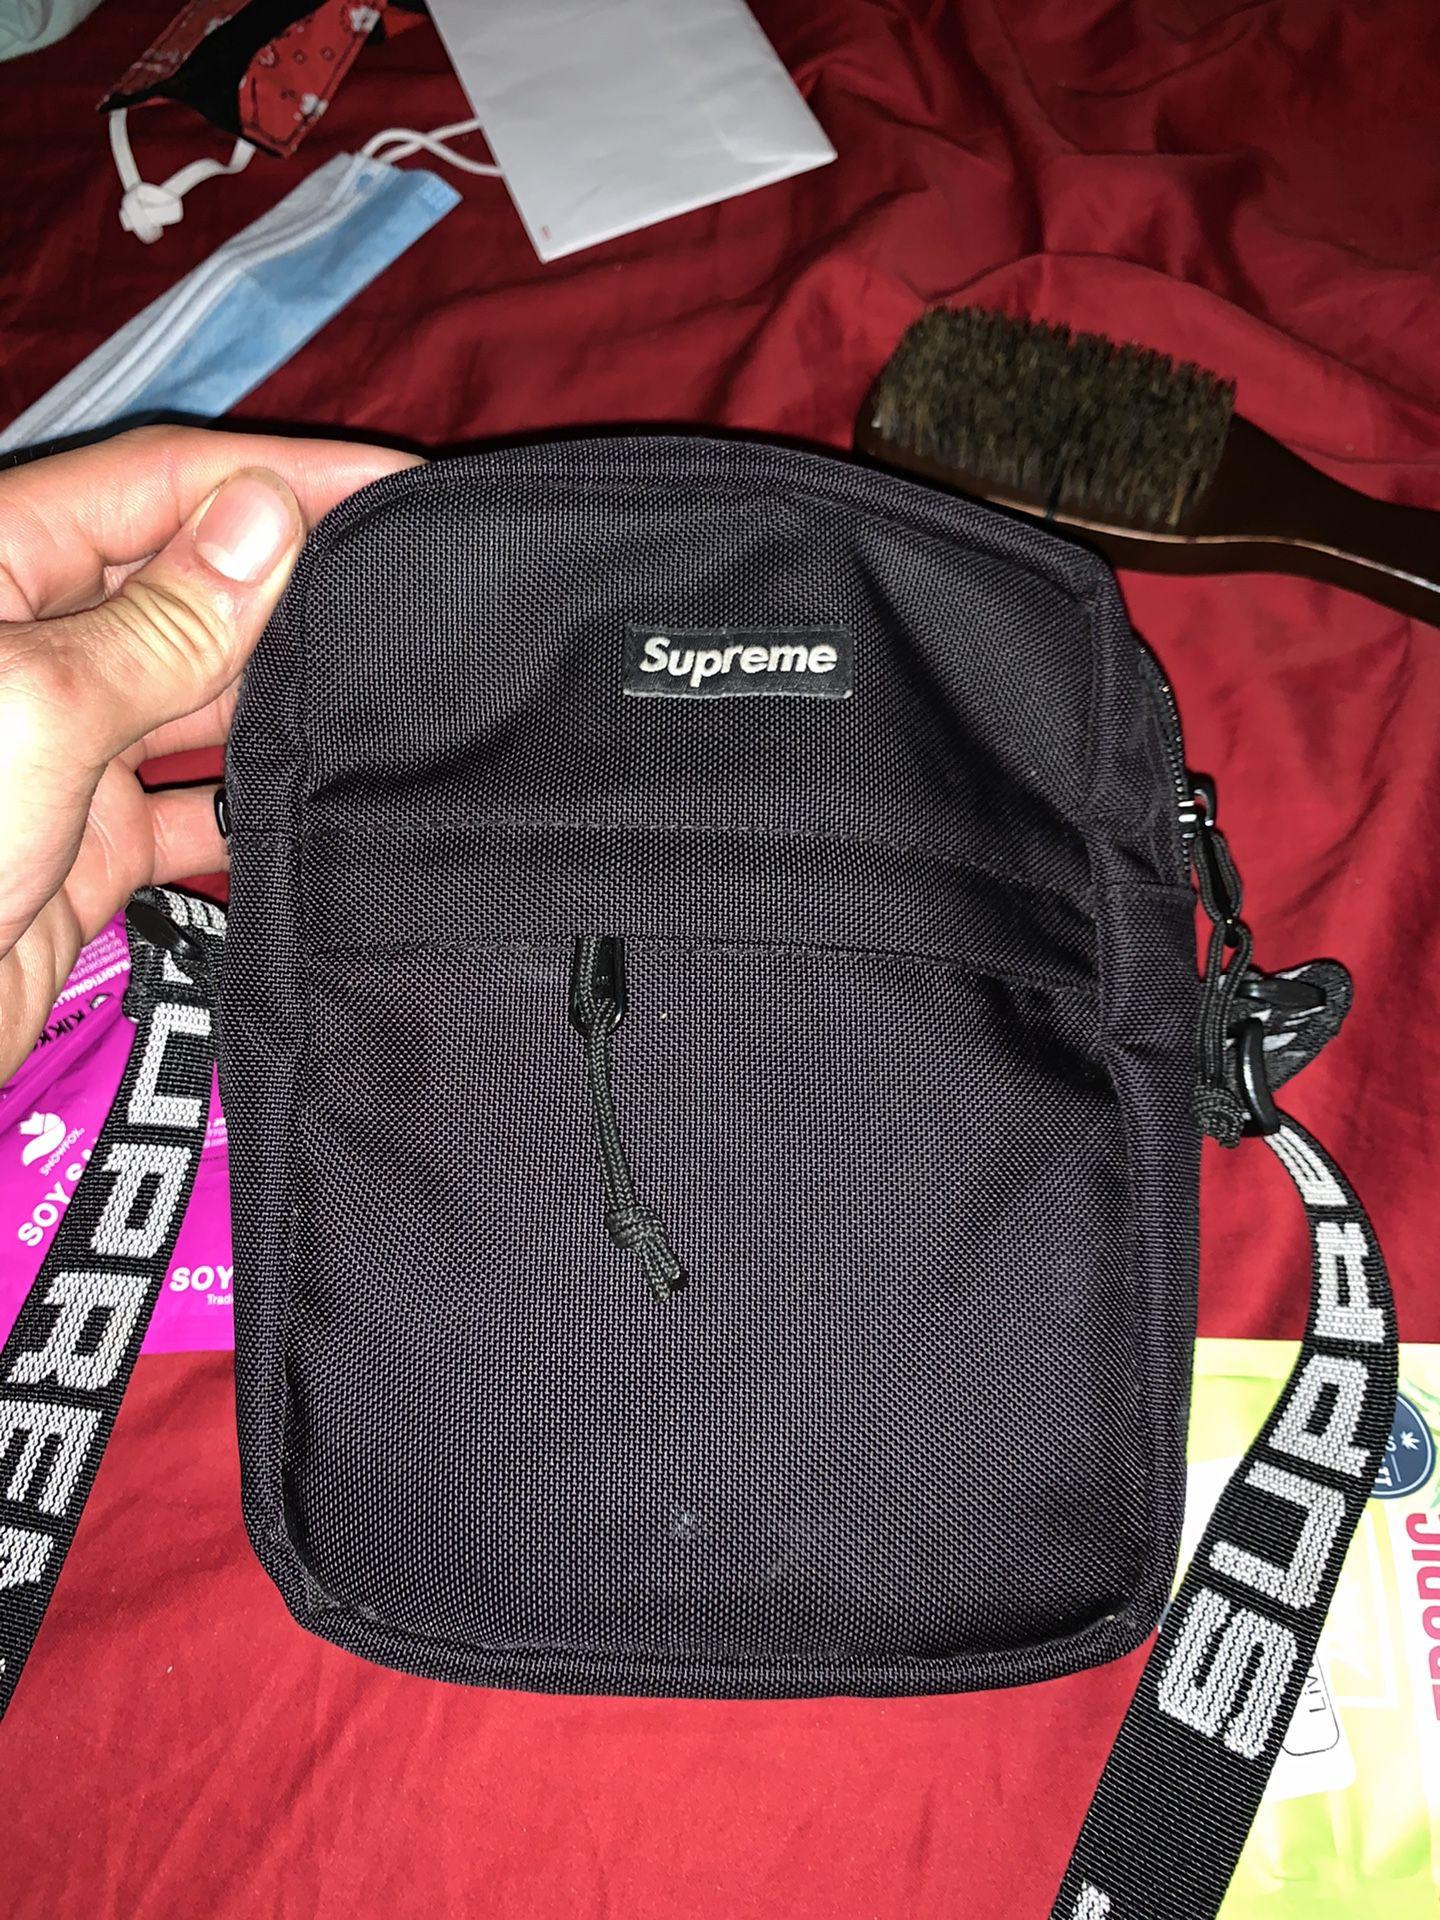 Supreme Hand Bag